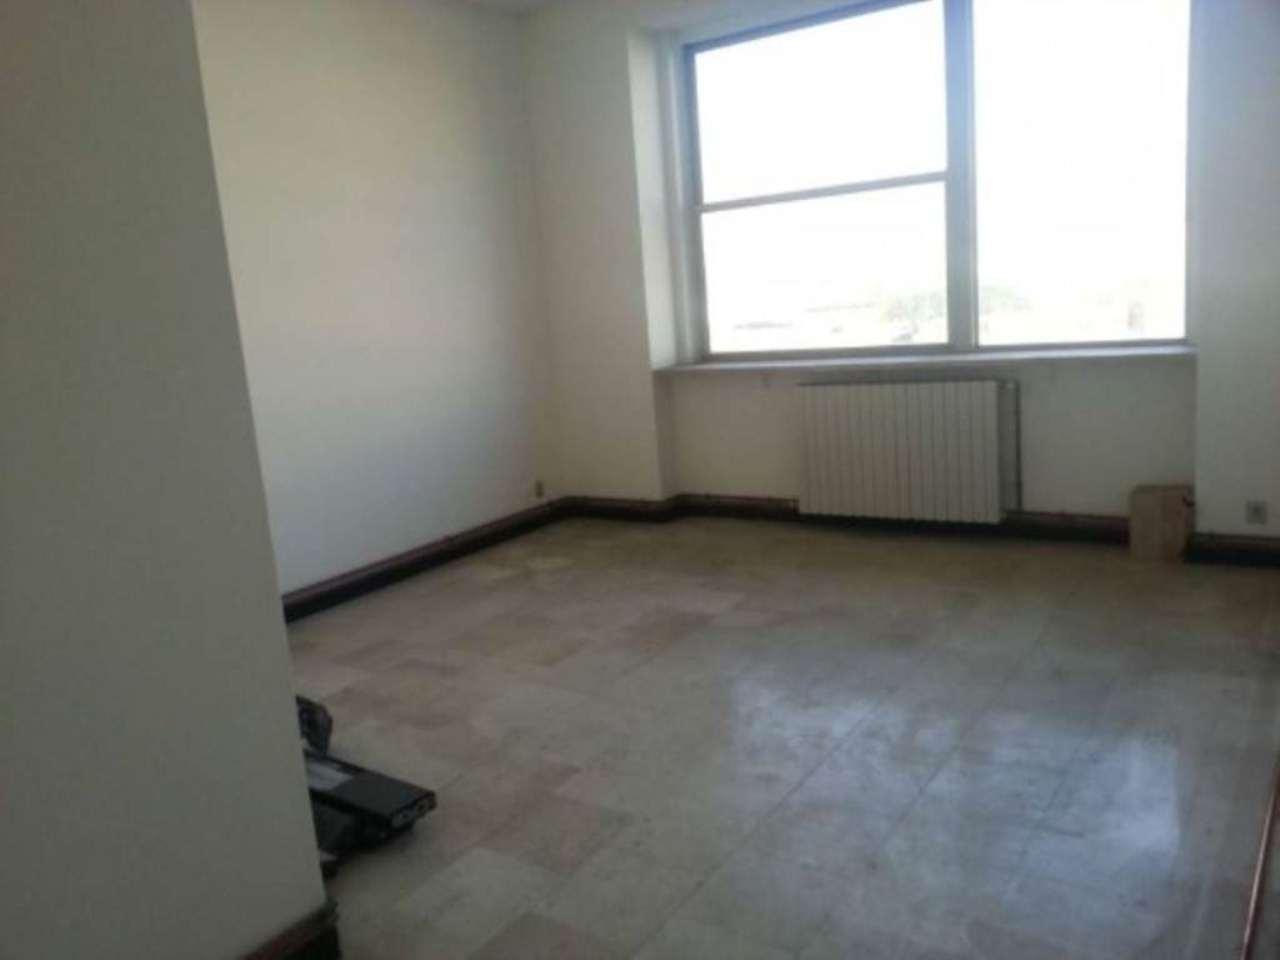 Ufficio / Studio in vendita a Cologno Monzese, 3 locali, prezzo € 180.000 | PortaleAgenzieImmobiliari.it